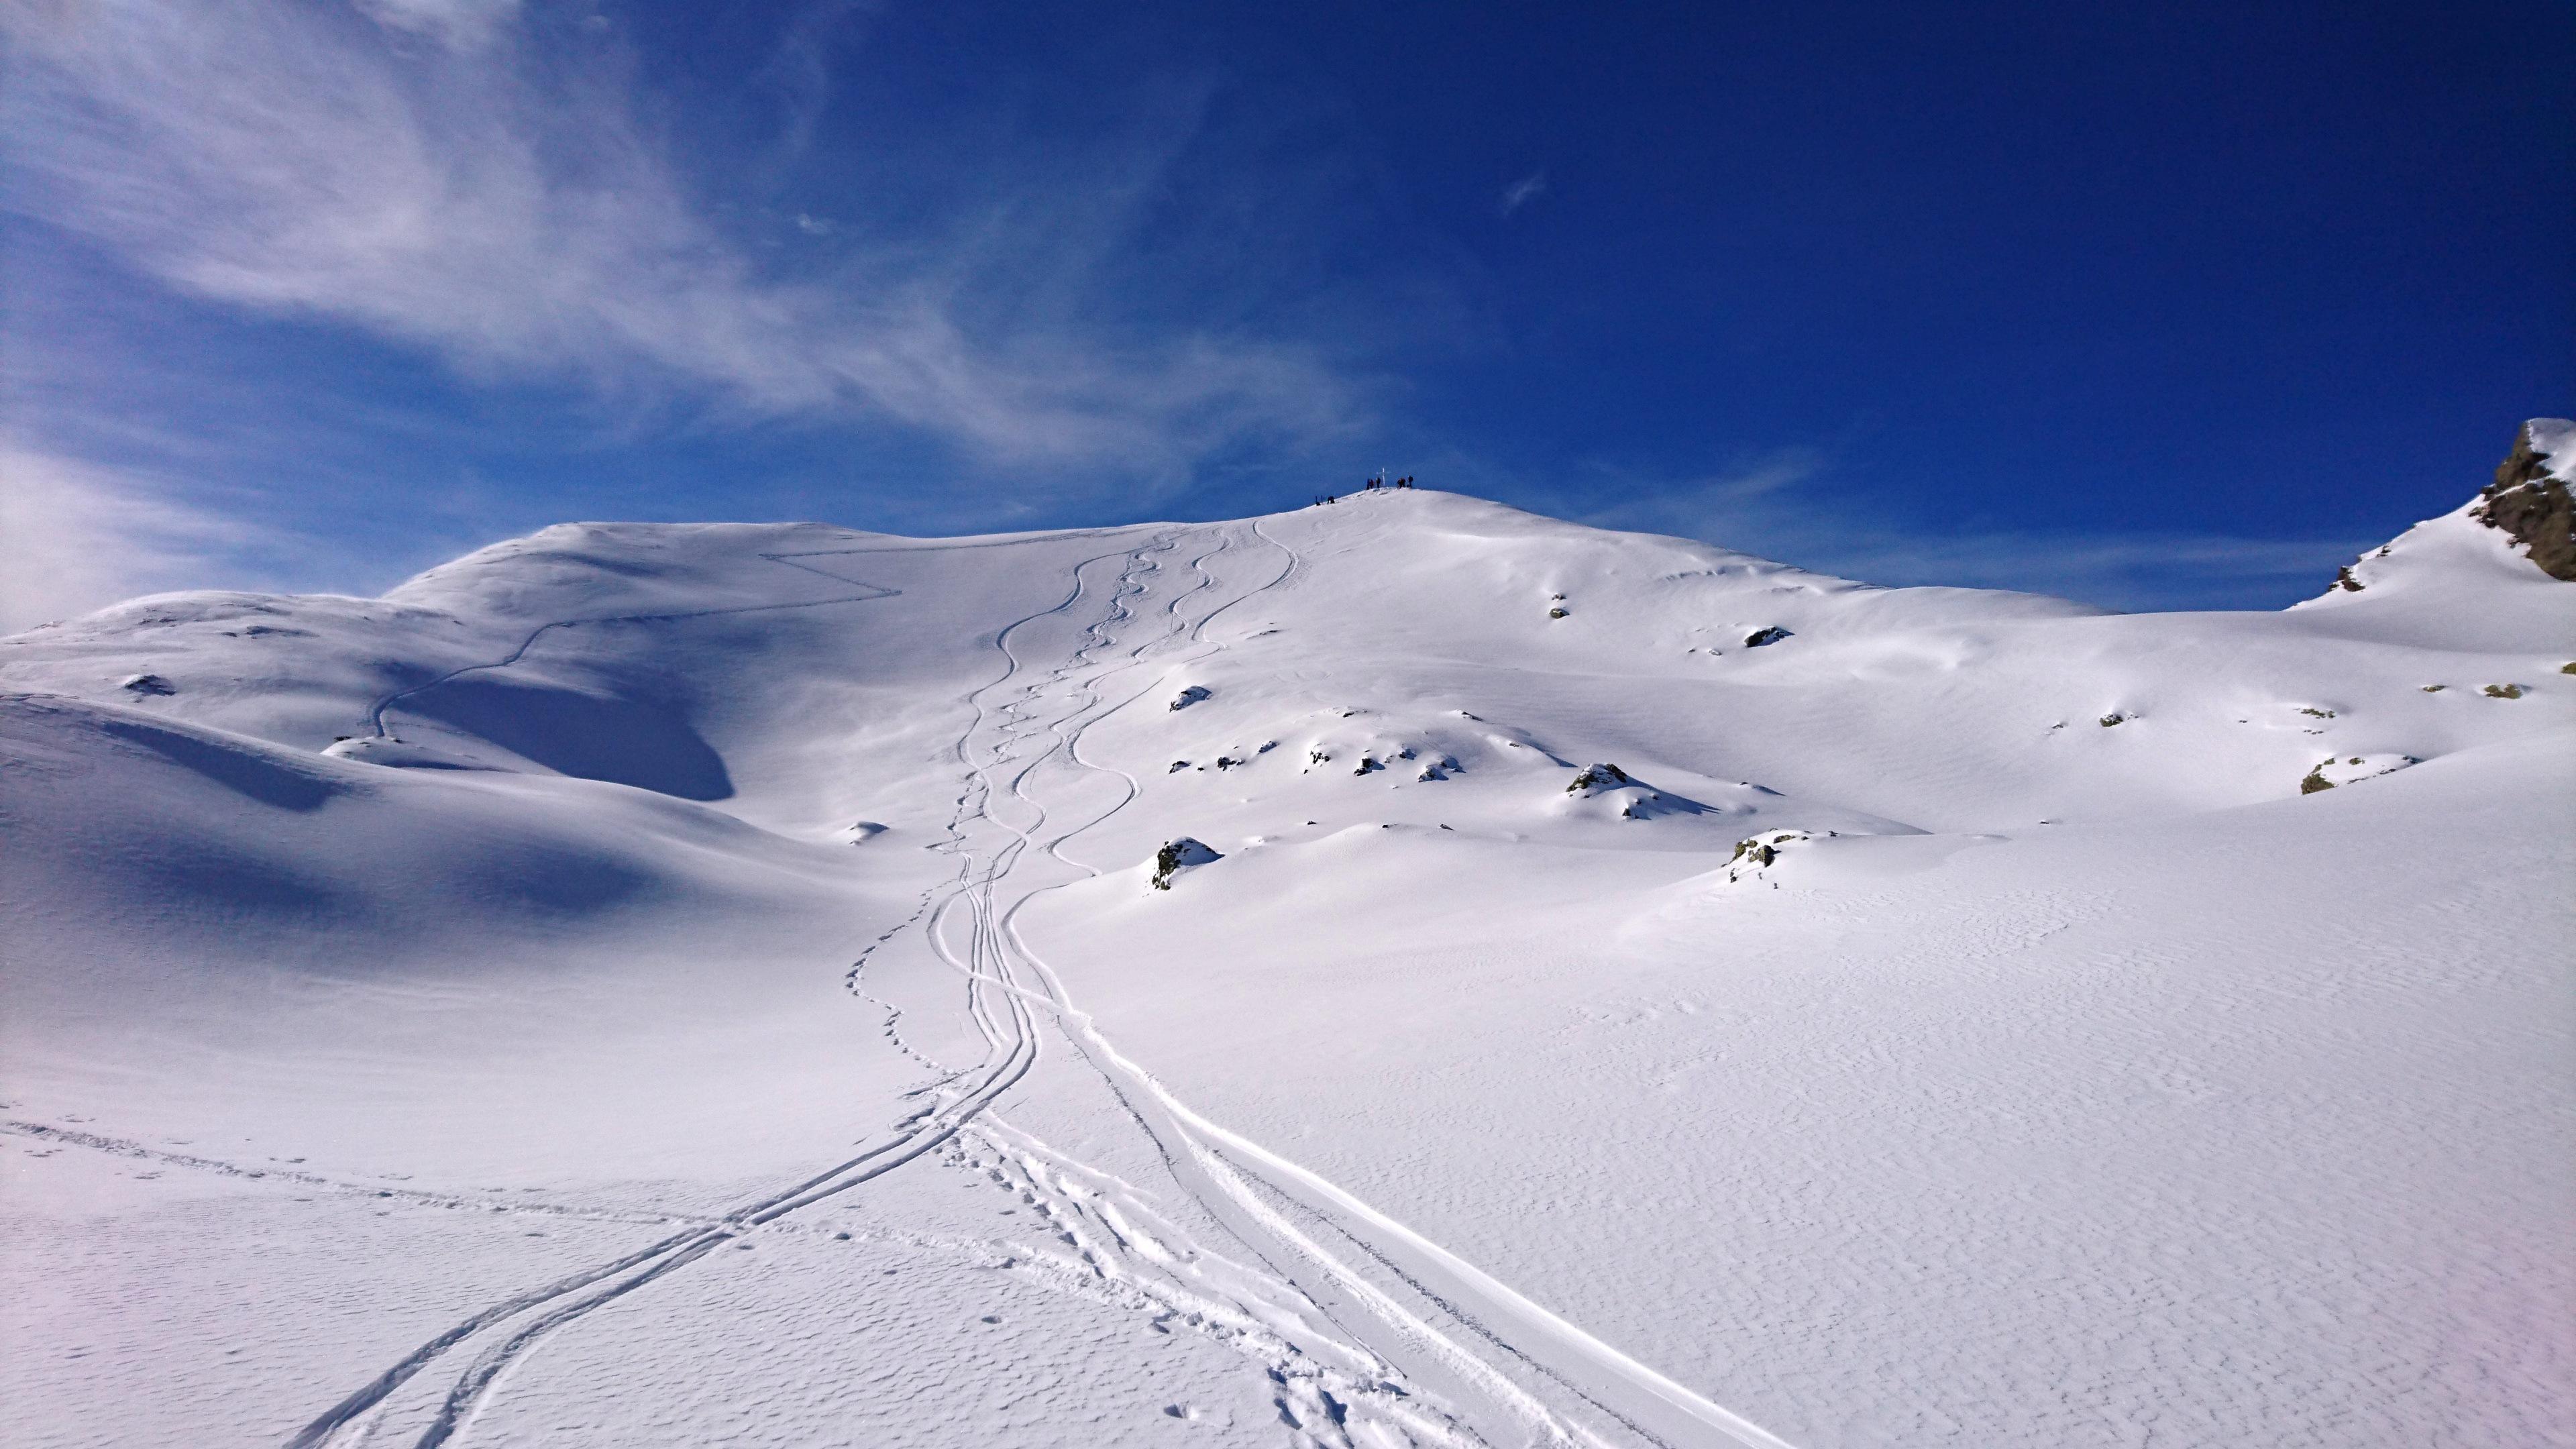 le nostre sbisciule sul pendio che scende dalla vetta. Neve super! Ma il meglio deve ancora venire. Il canale sarà davvero TOP!!